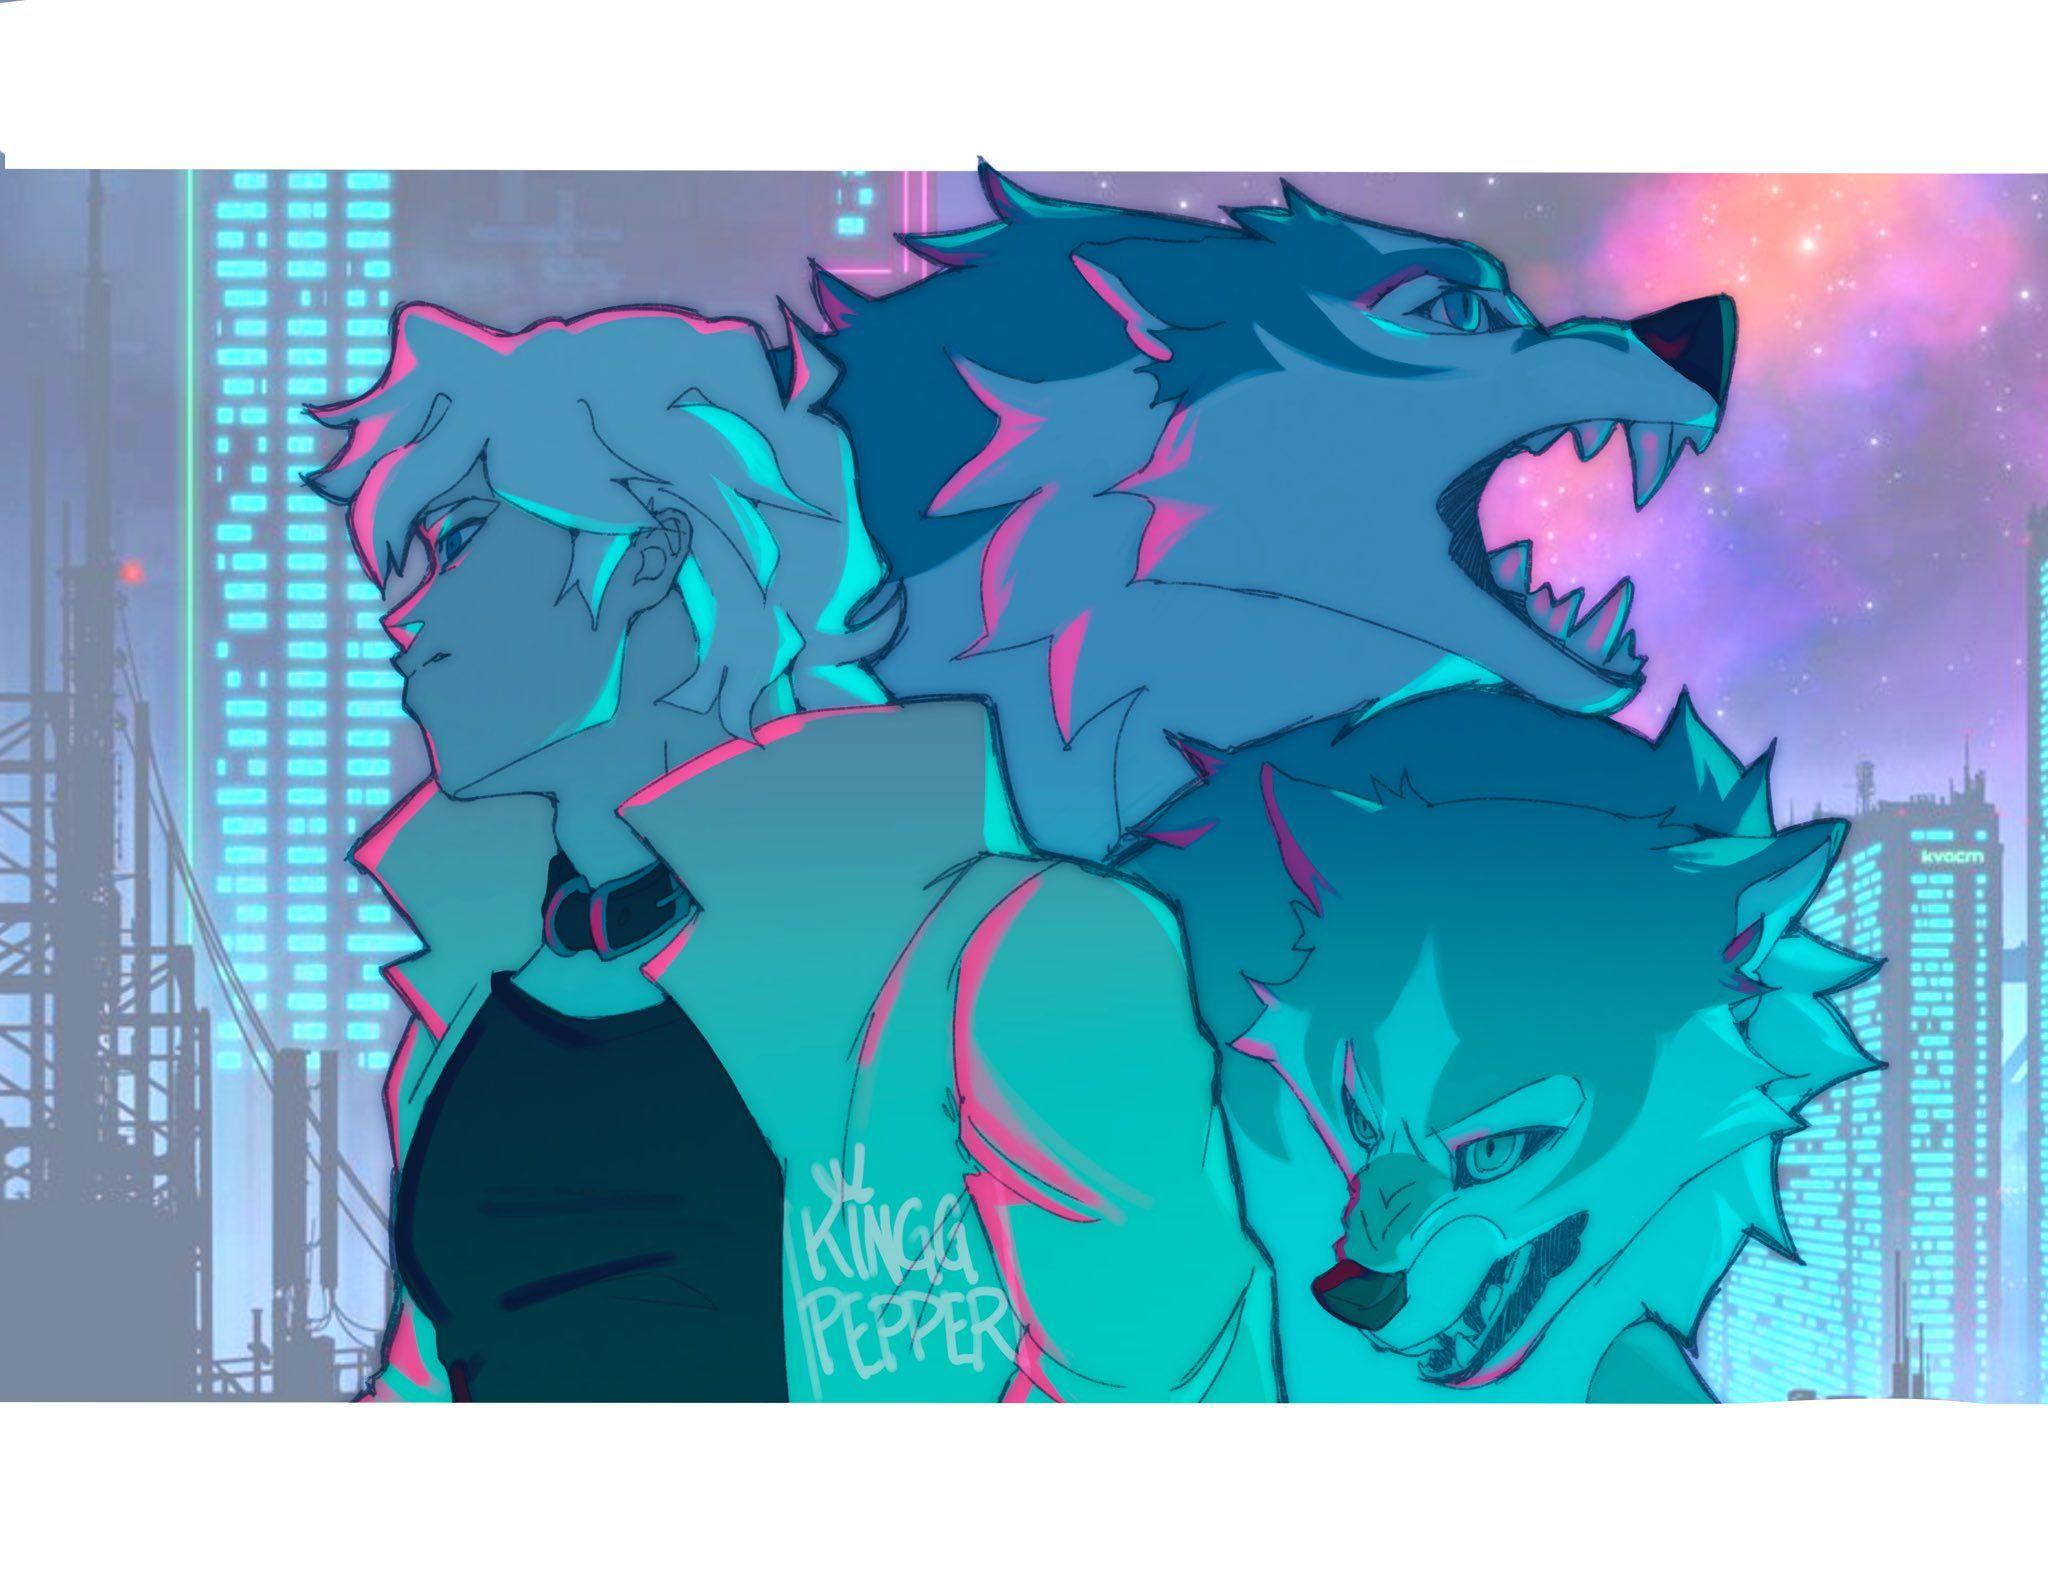 brandnewanimal bna in 2020 Anime, Anime furry, Anime art